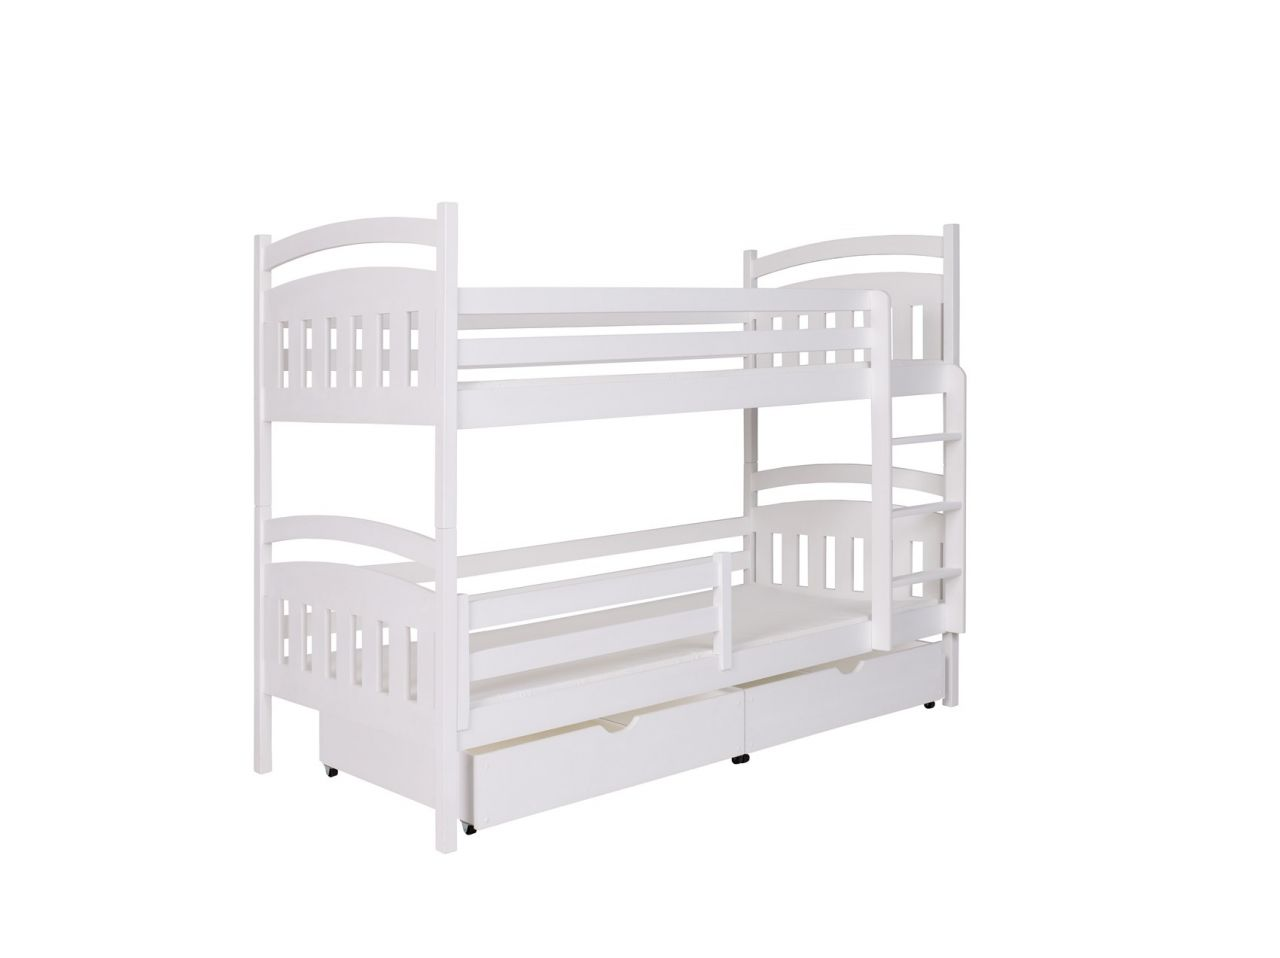 Etagenbett Liegefläche 80 180 : Etagenbett kinderbett hochbett stockbett holz matratzen